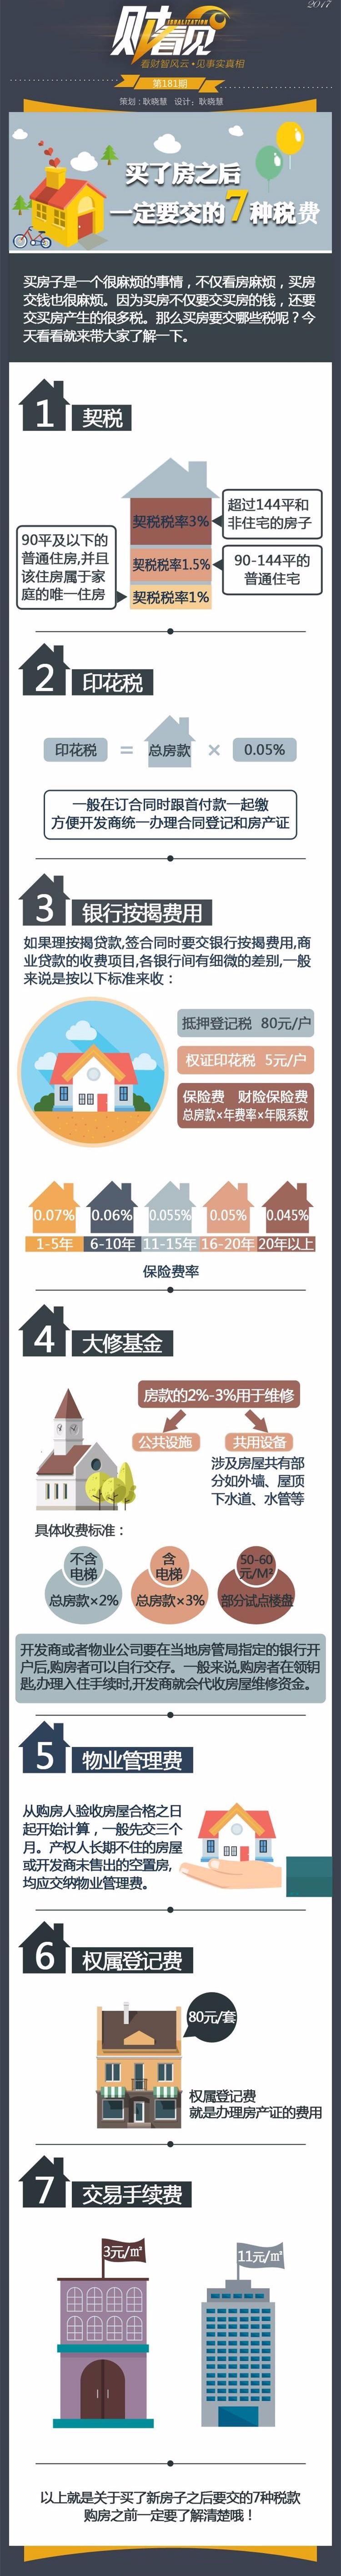 买房后必须要交的7种税费,你知道几种?